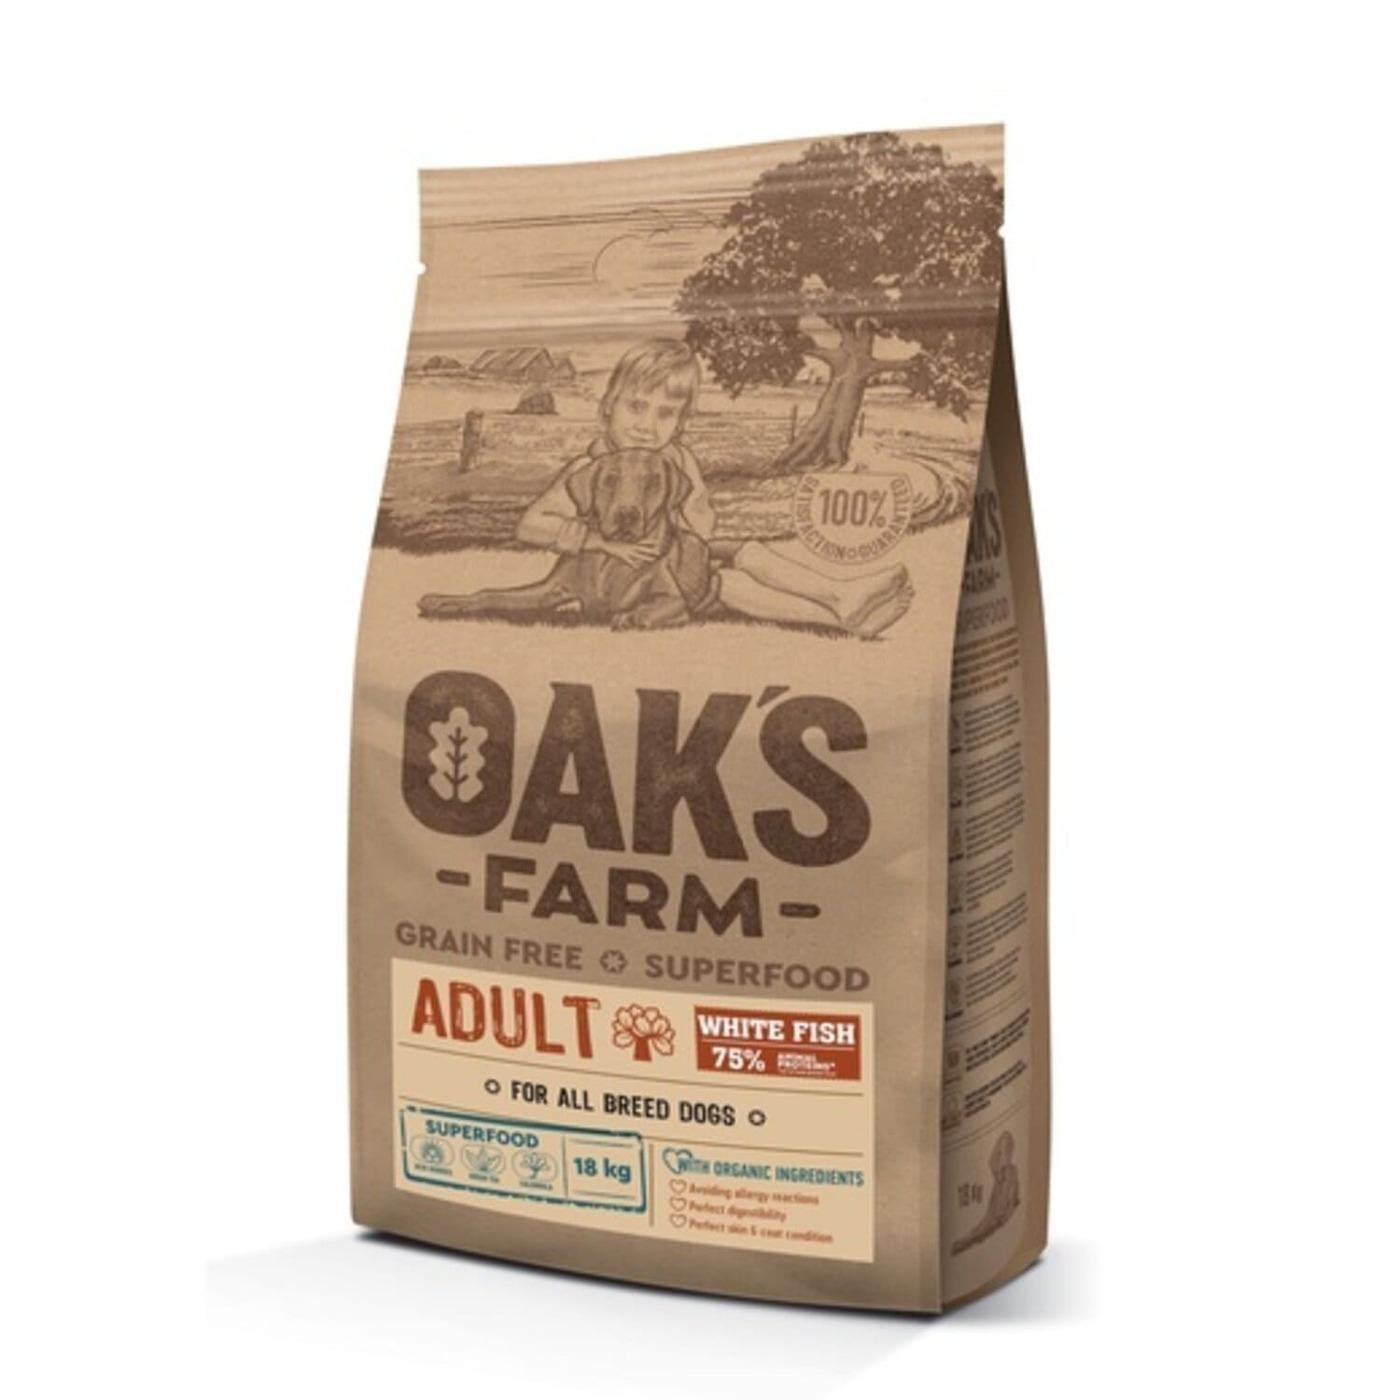 Oaks Farm GF сухой корм для собак всех пород, белая рыба 18 кг